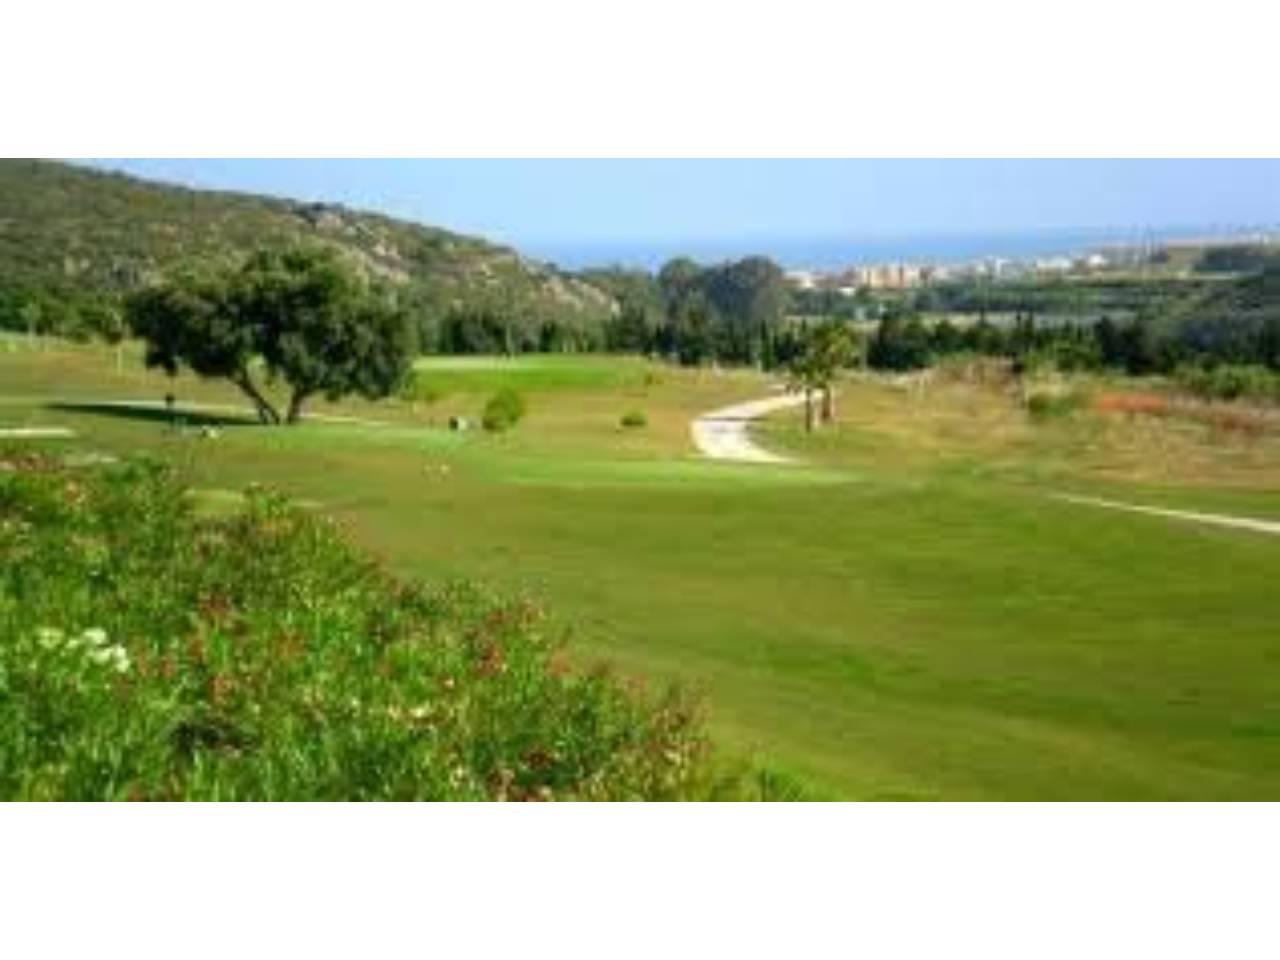 Parcela en venta en Casares en casares golf, Urbanización: casares country golf